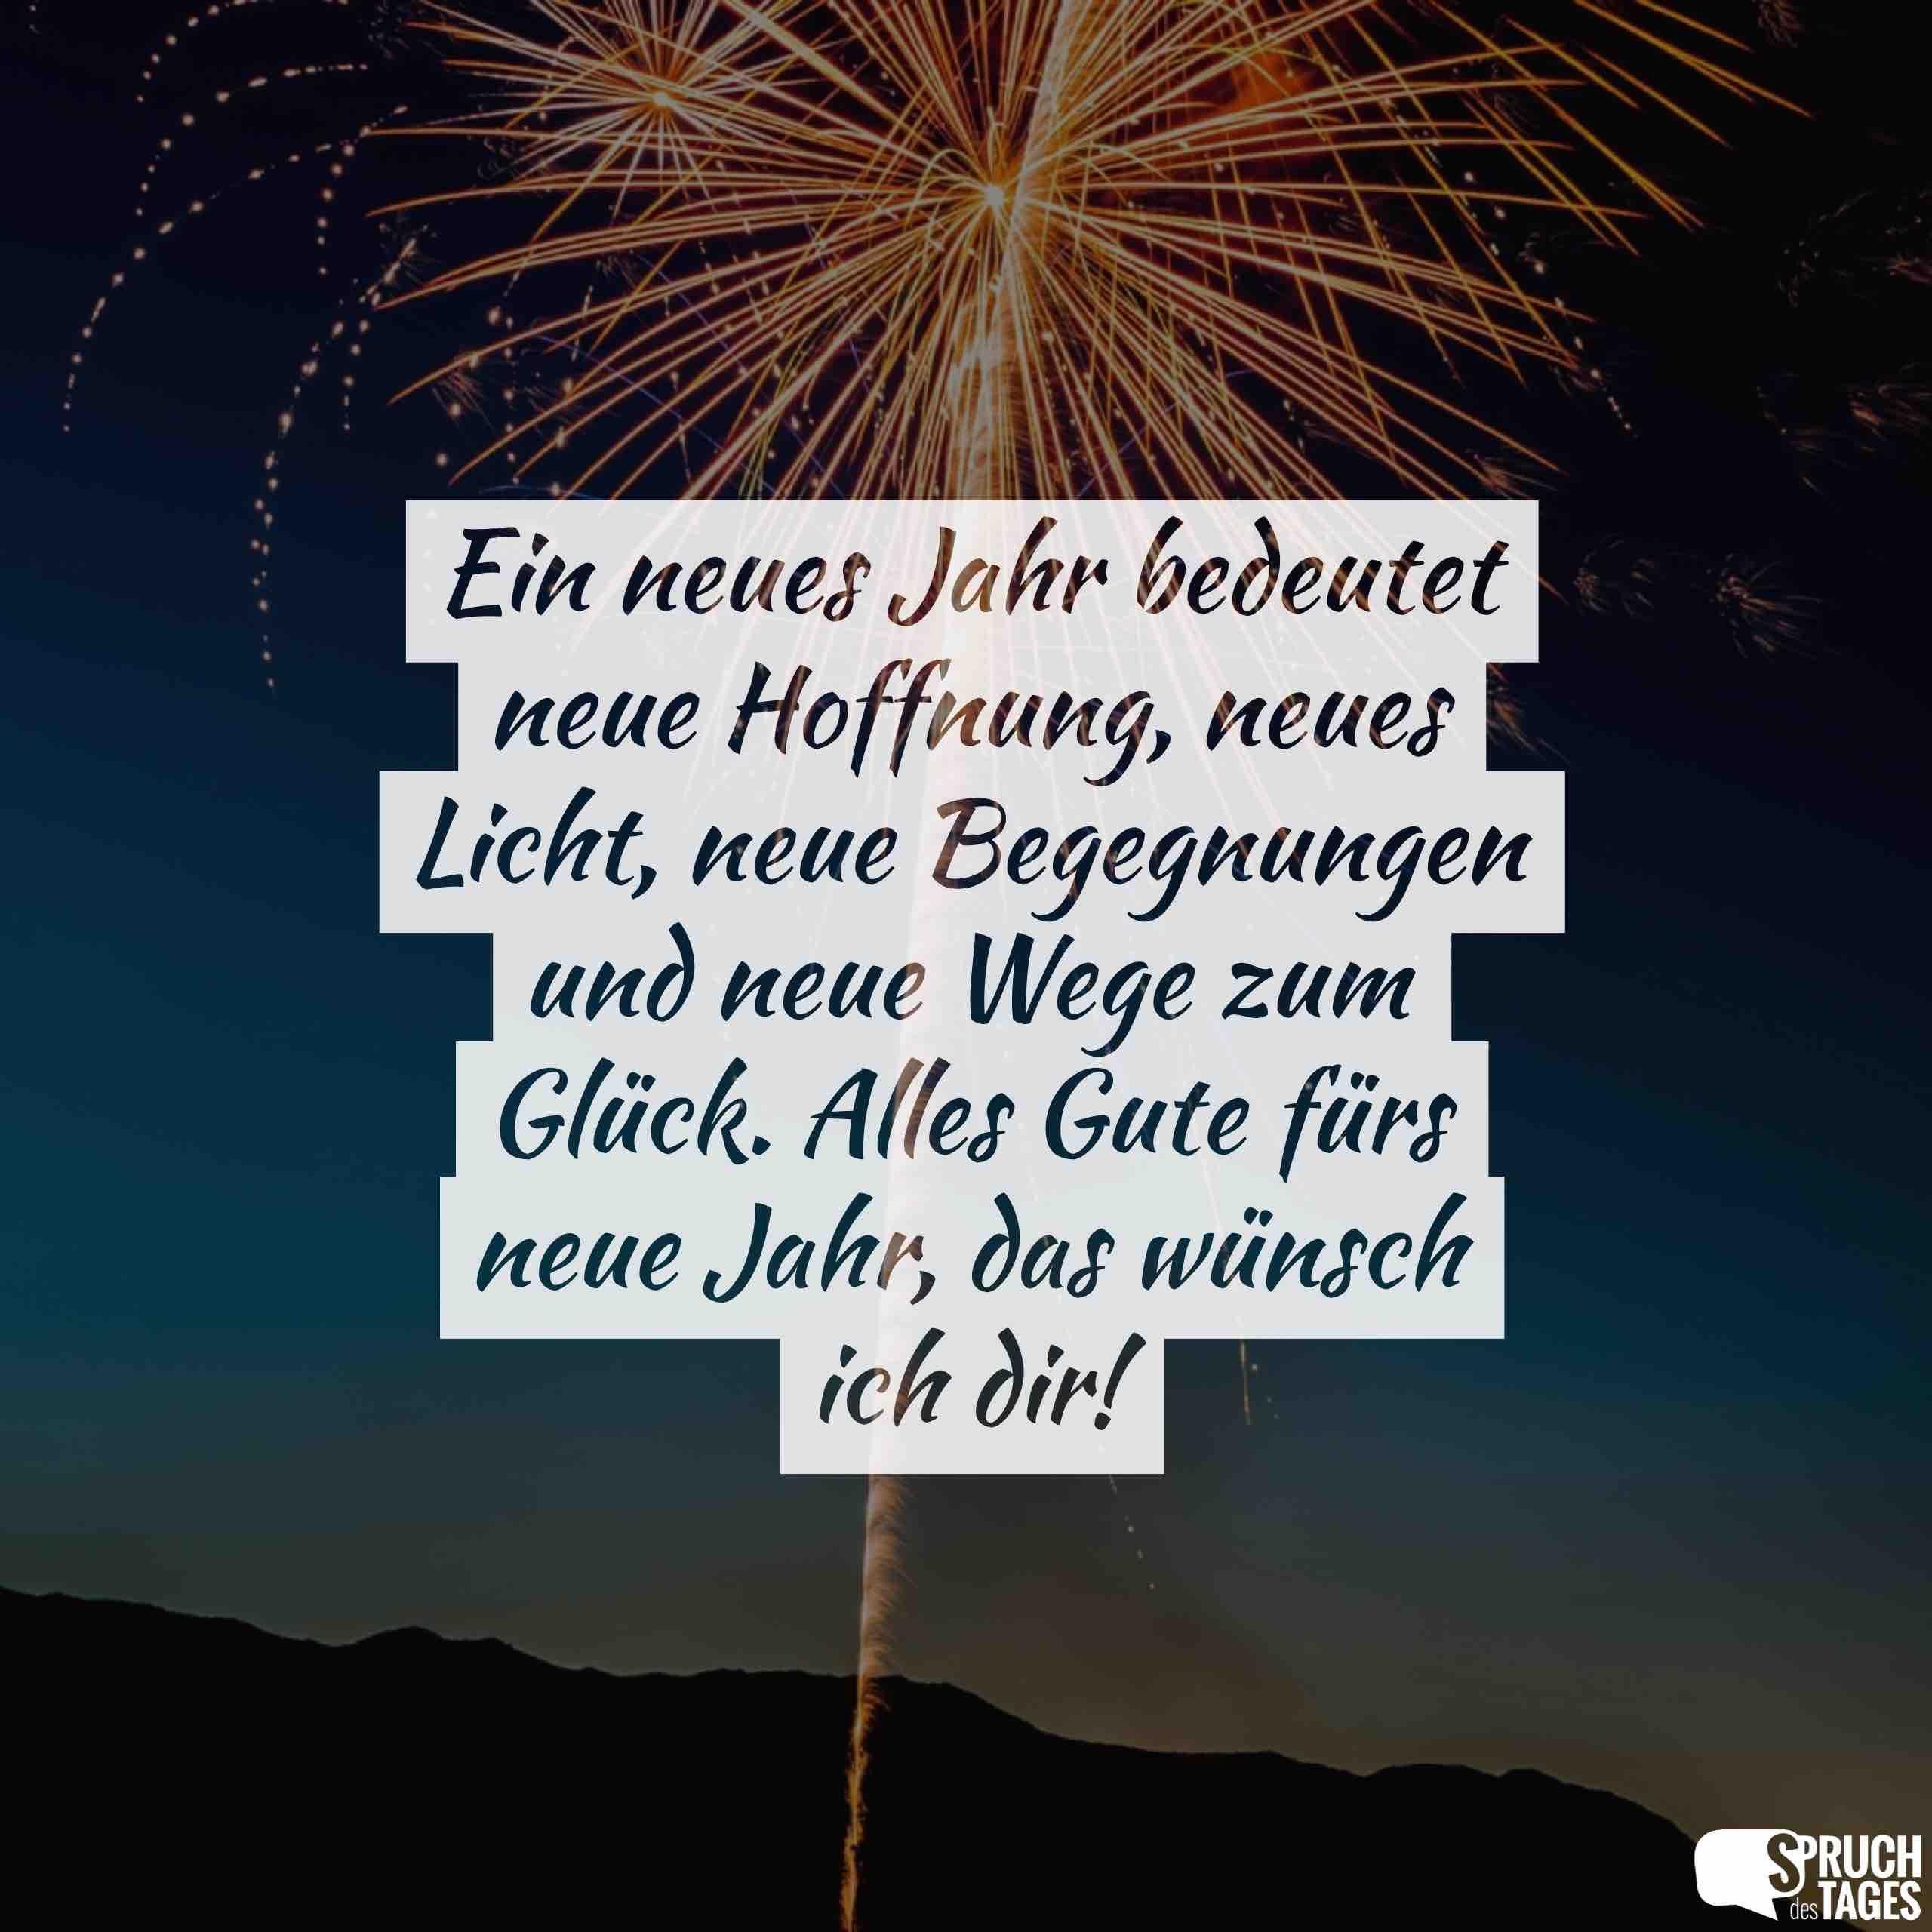 Es Ist Schwer Zu Finden Was Man Sucht Schwer Zu Suchen Was Man Braucht Und Schwer Zu Bekommen Was Man Will Spruche Neues Jahr Wunsche Furs Neue Jahr Zitate Zum Jahreswechsel